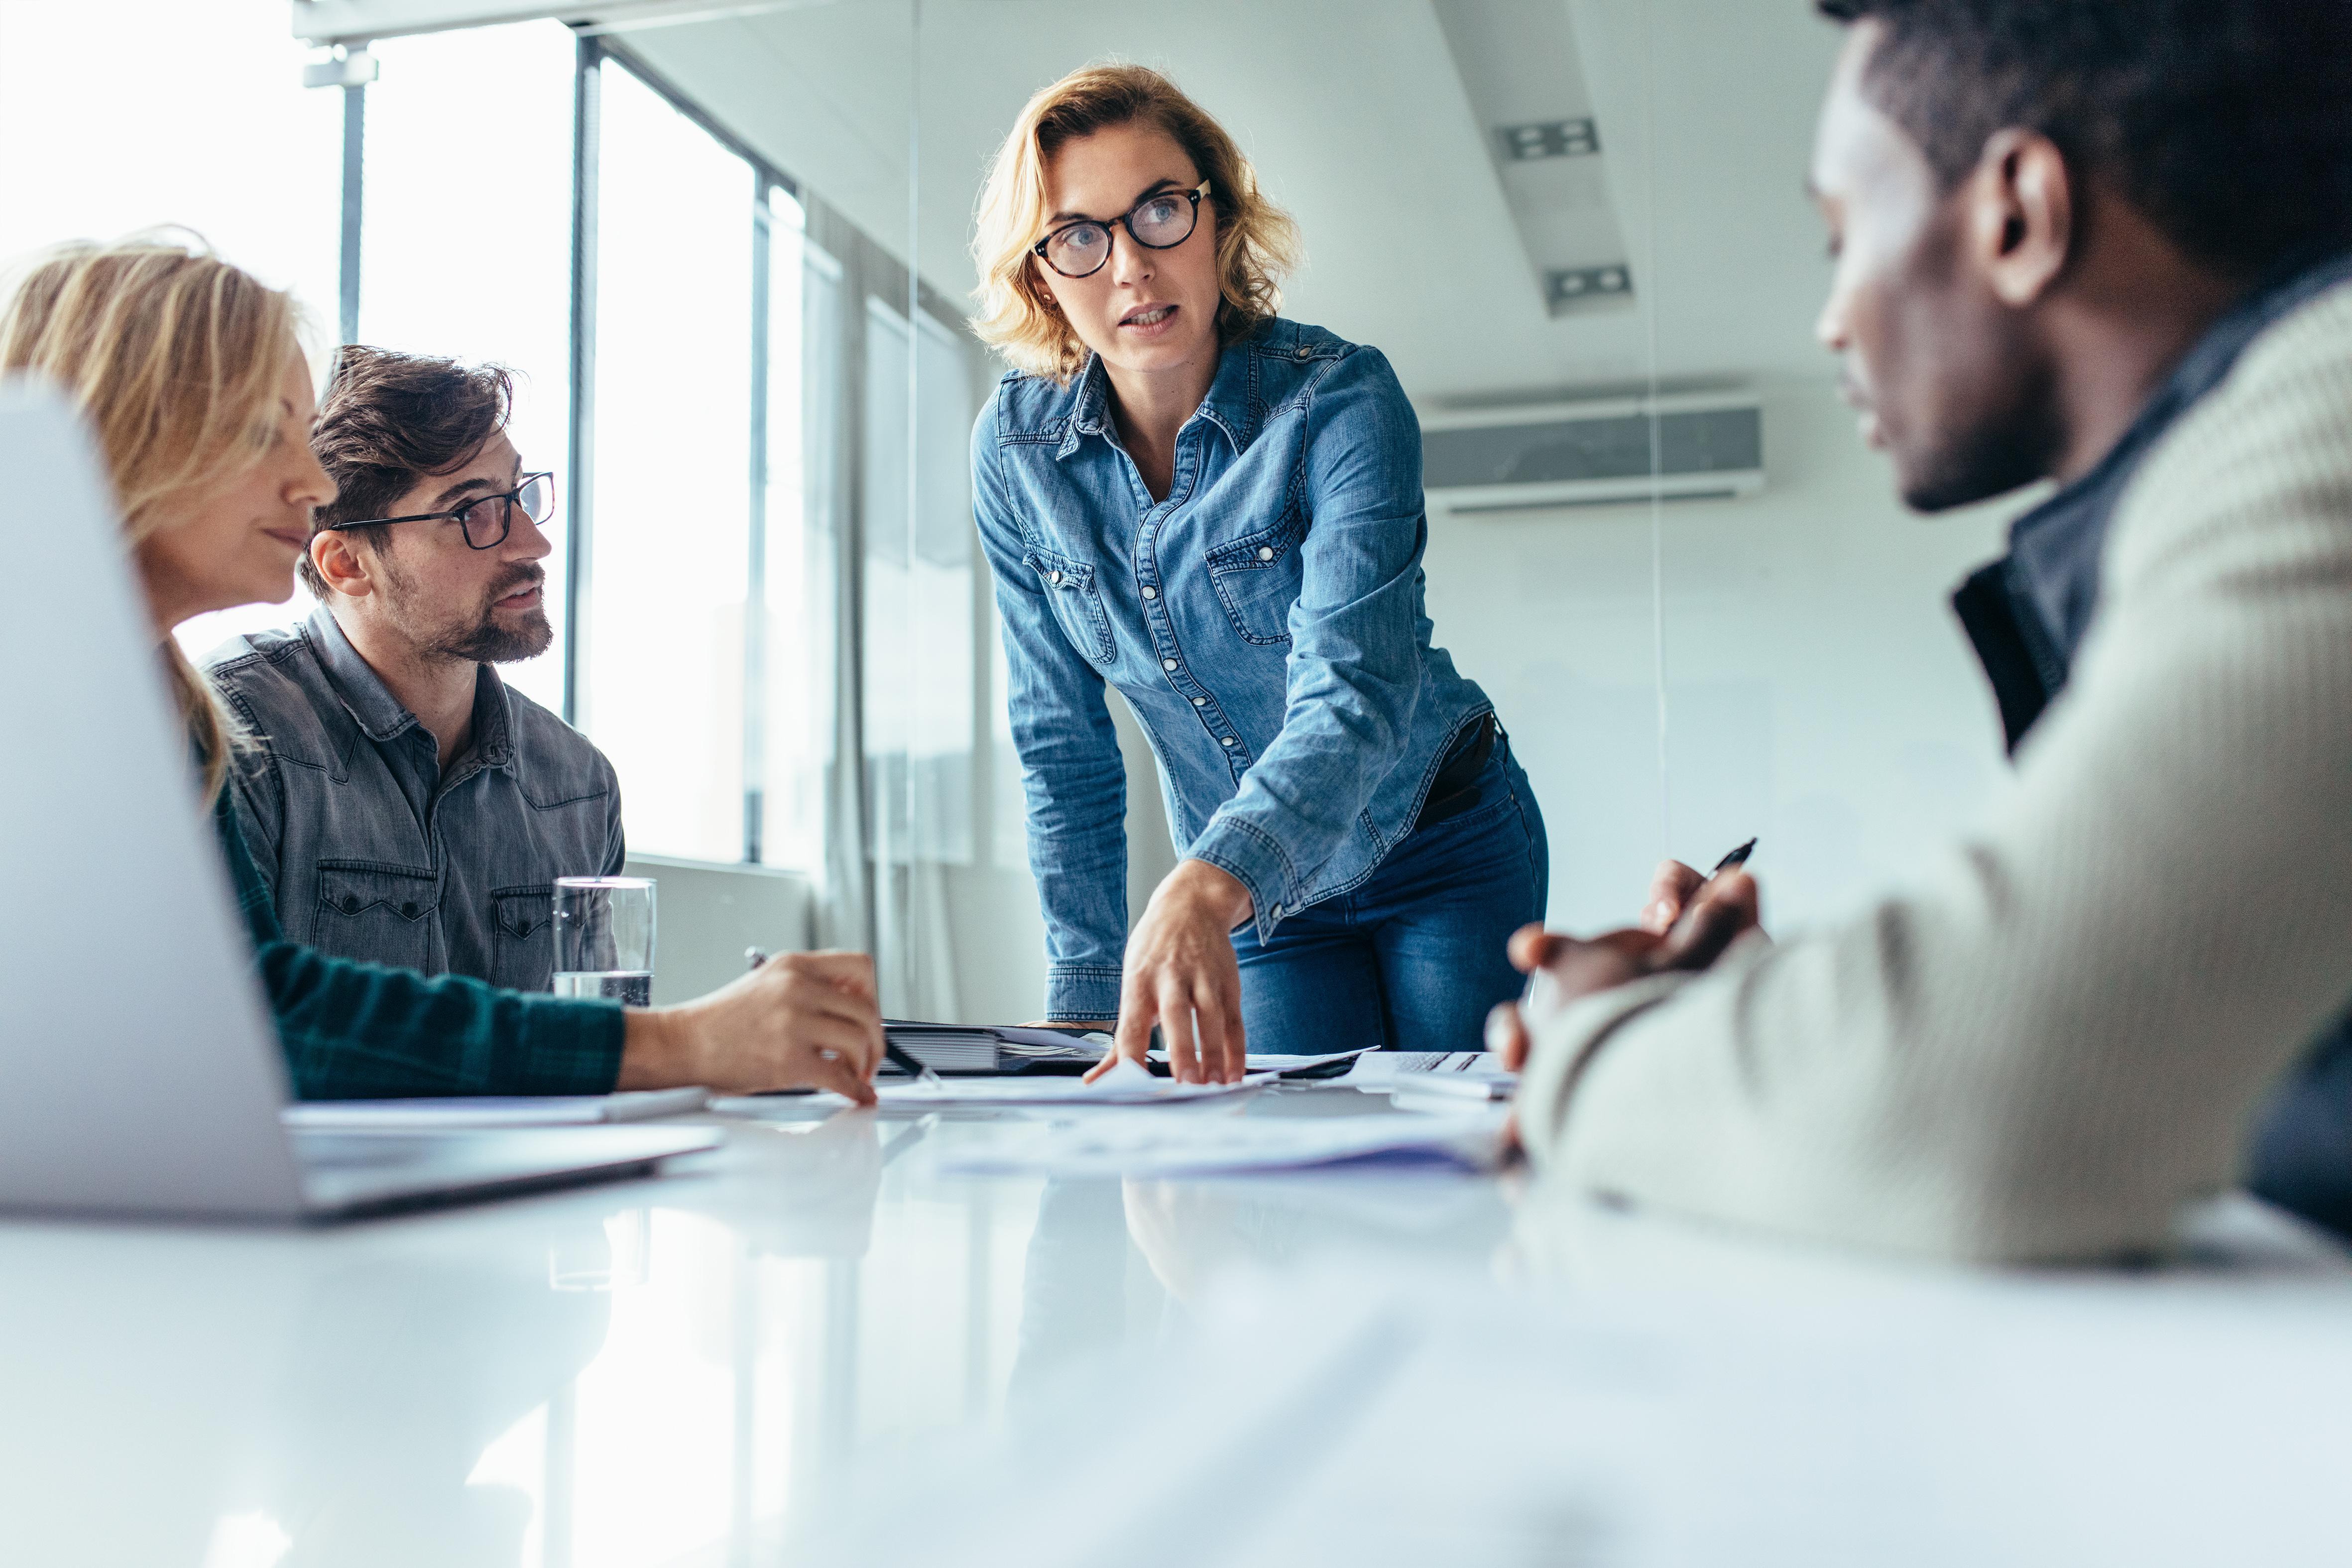 Frauenquote in Aufsichtsräten zeigt Wirkung